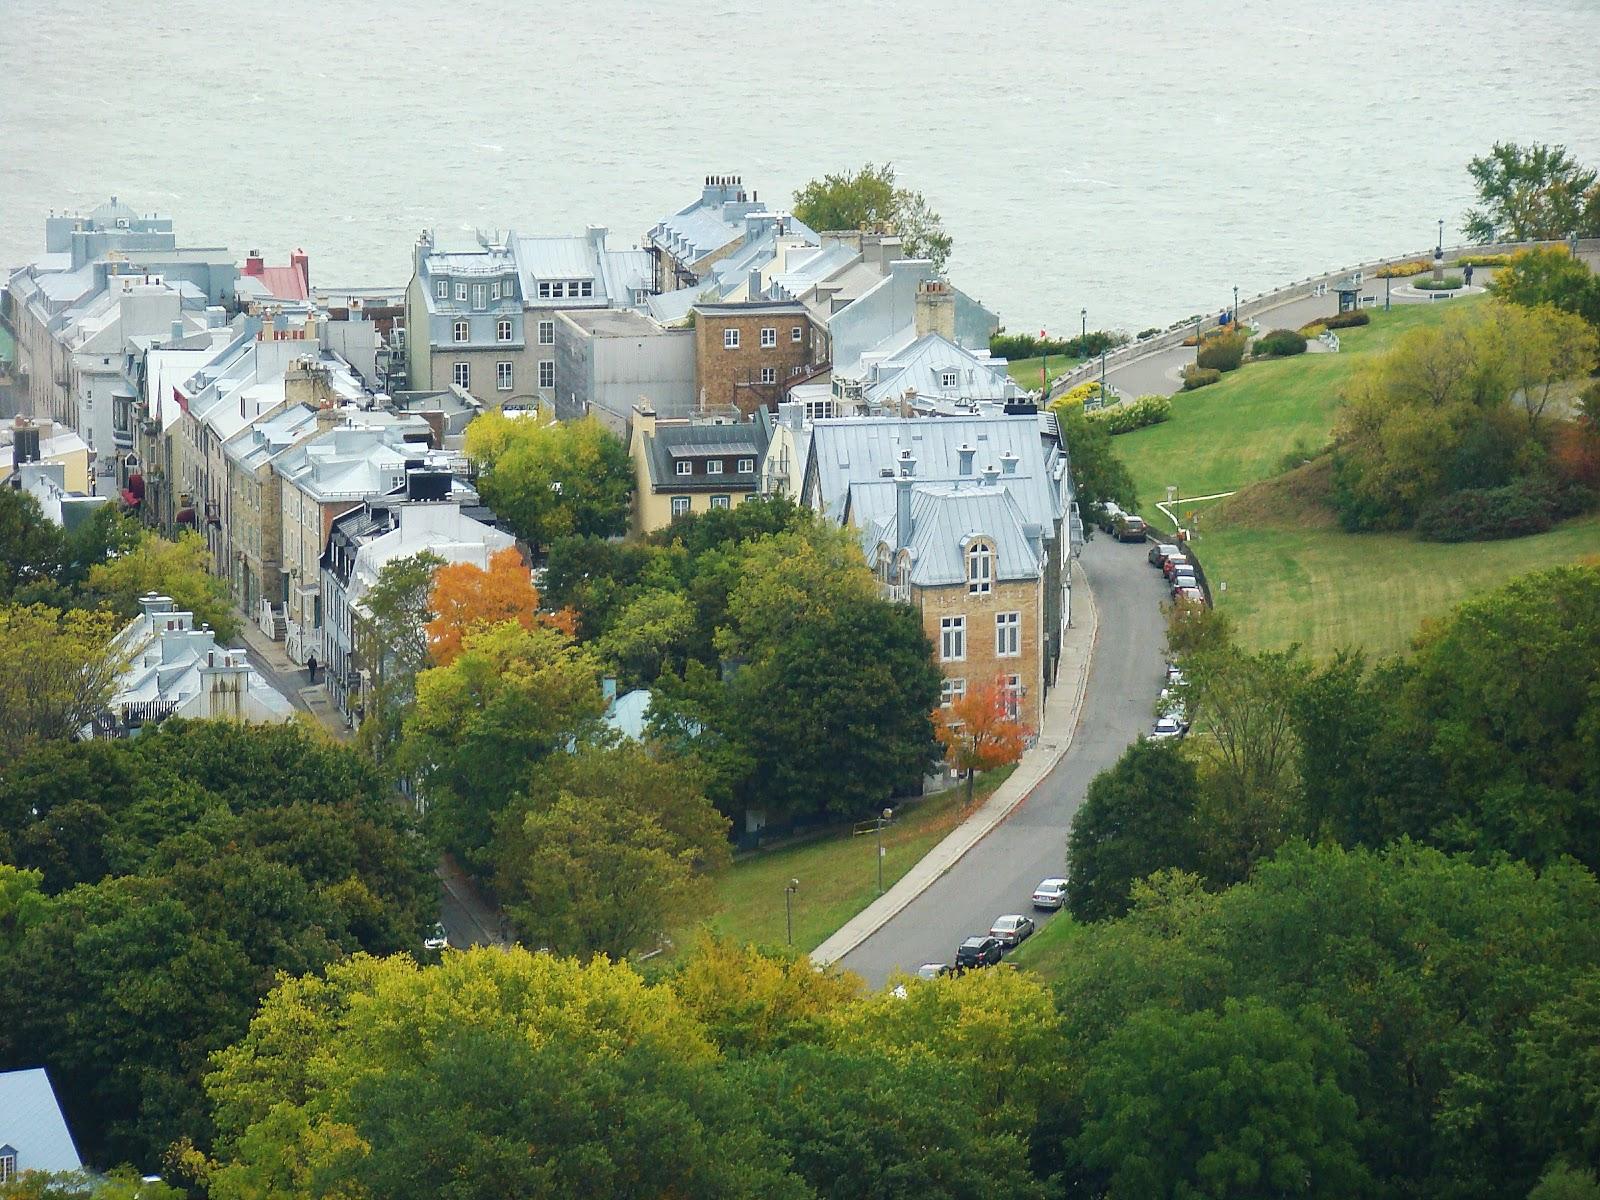 До сих пор город сохраняет неповторимый французский дух и является самым европейским городом в Северной Америке, привлекая тем самым множество туристов.